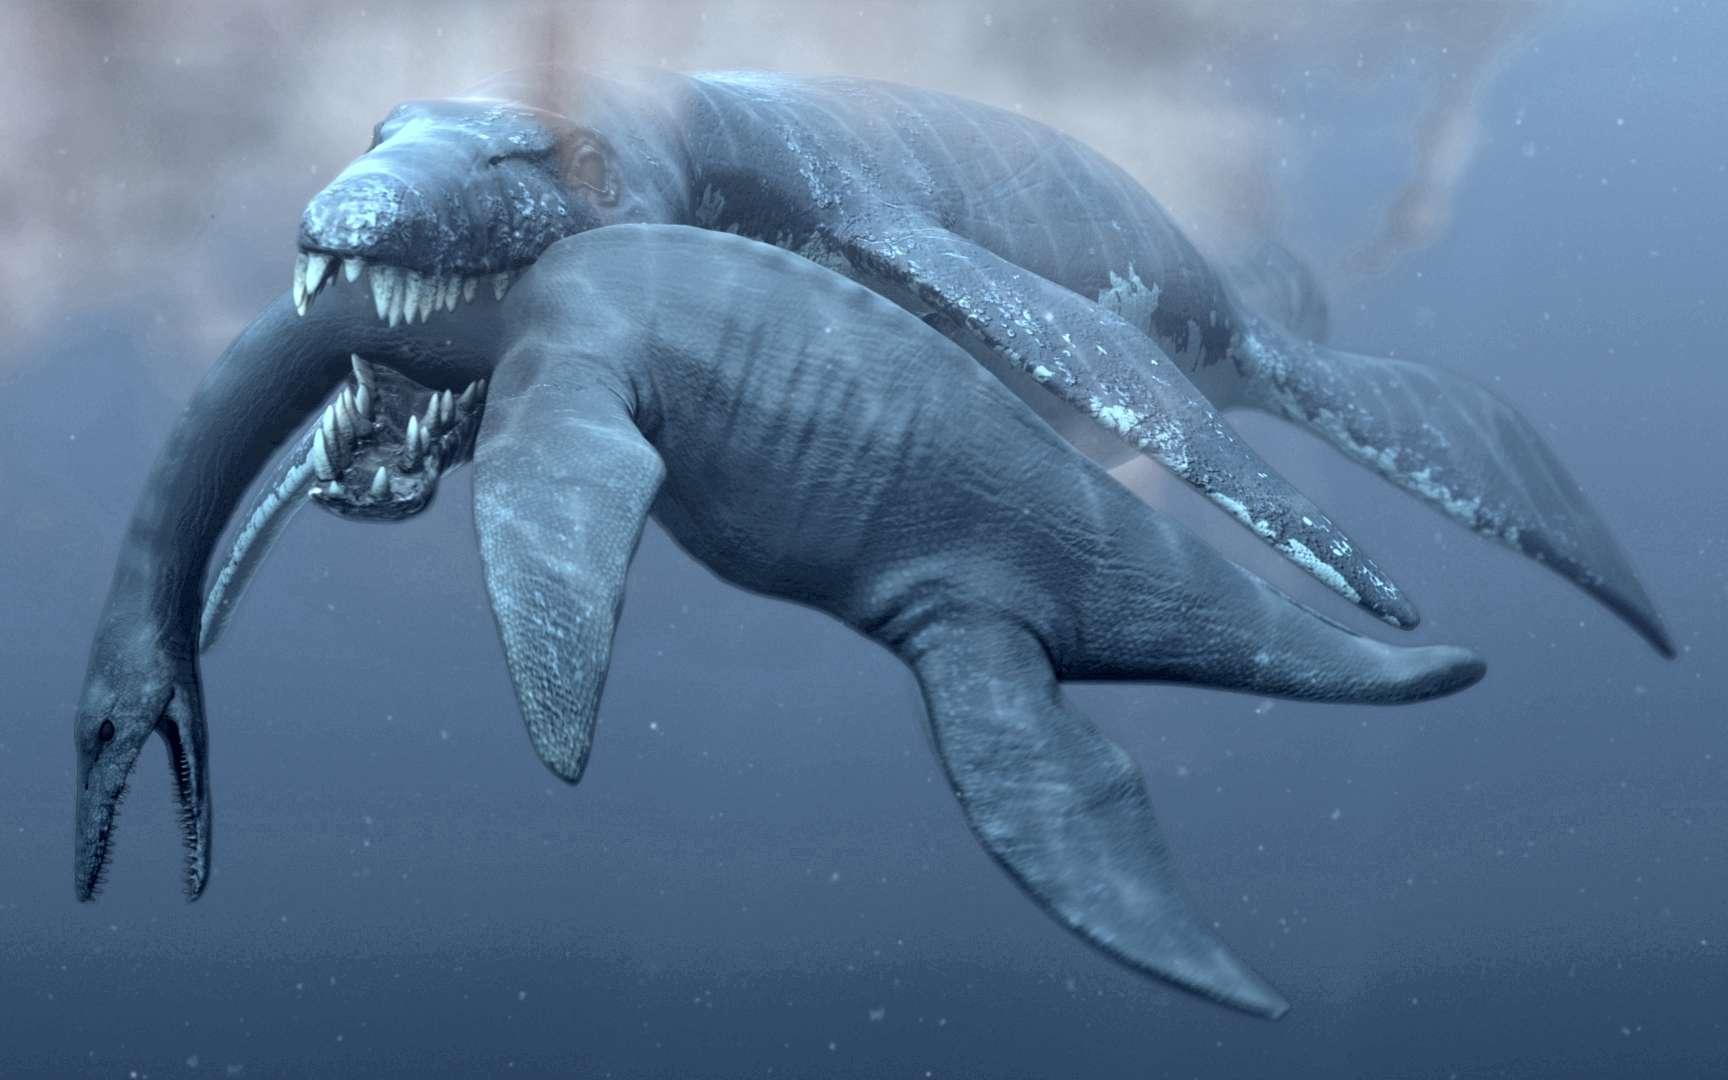 Un Predator X, le surnom d'un pliosaure de 15 m de long, attaque un plésiosaure. Ils font tous les deux partie du groupe des plésiosauriens. © Natural History Museum, University of Oslo